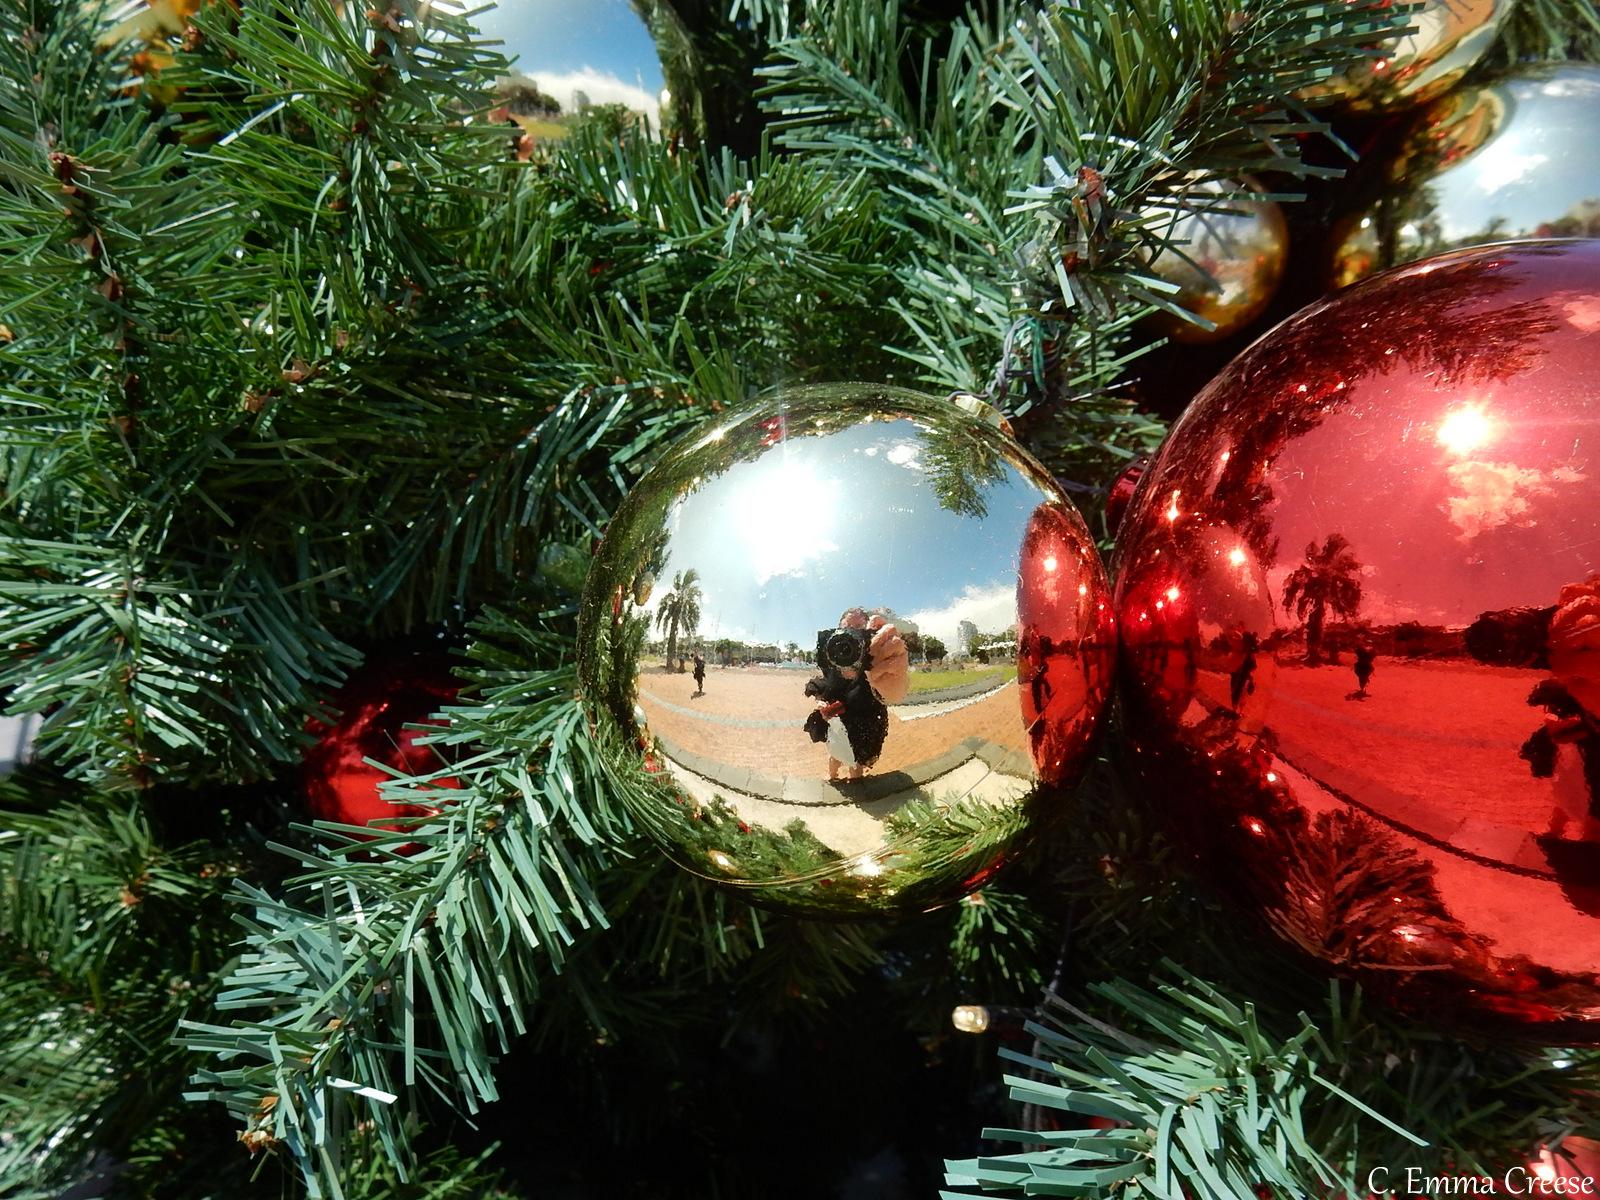 Kiwi Christmas Adventures of a London Kiwi